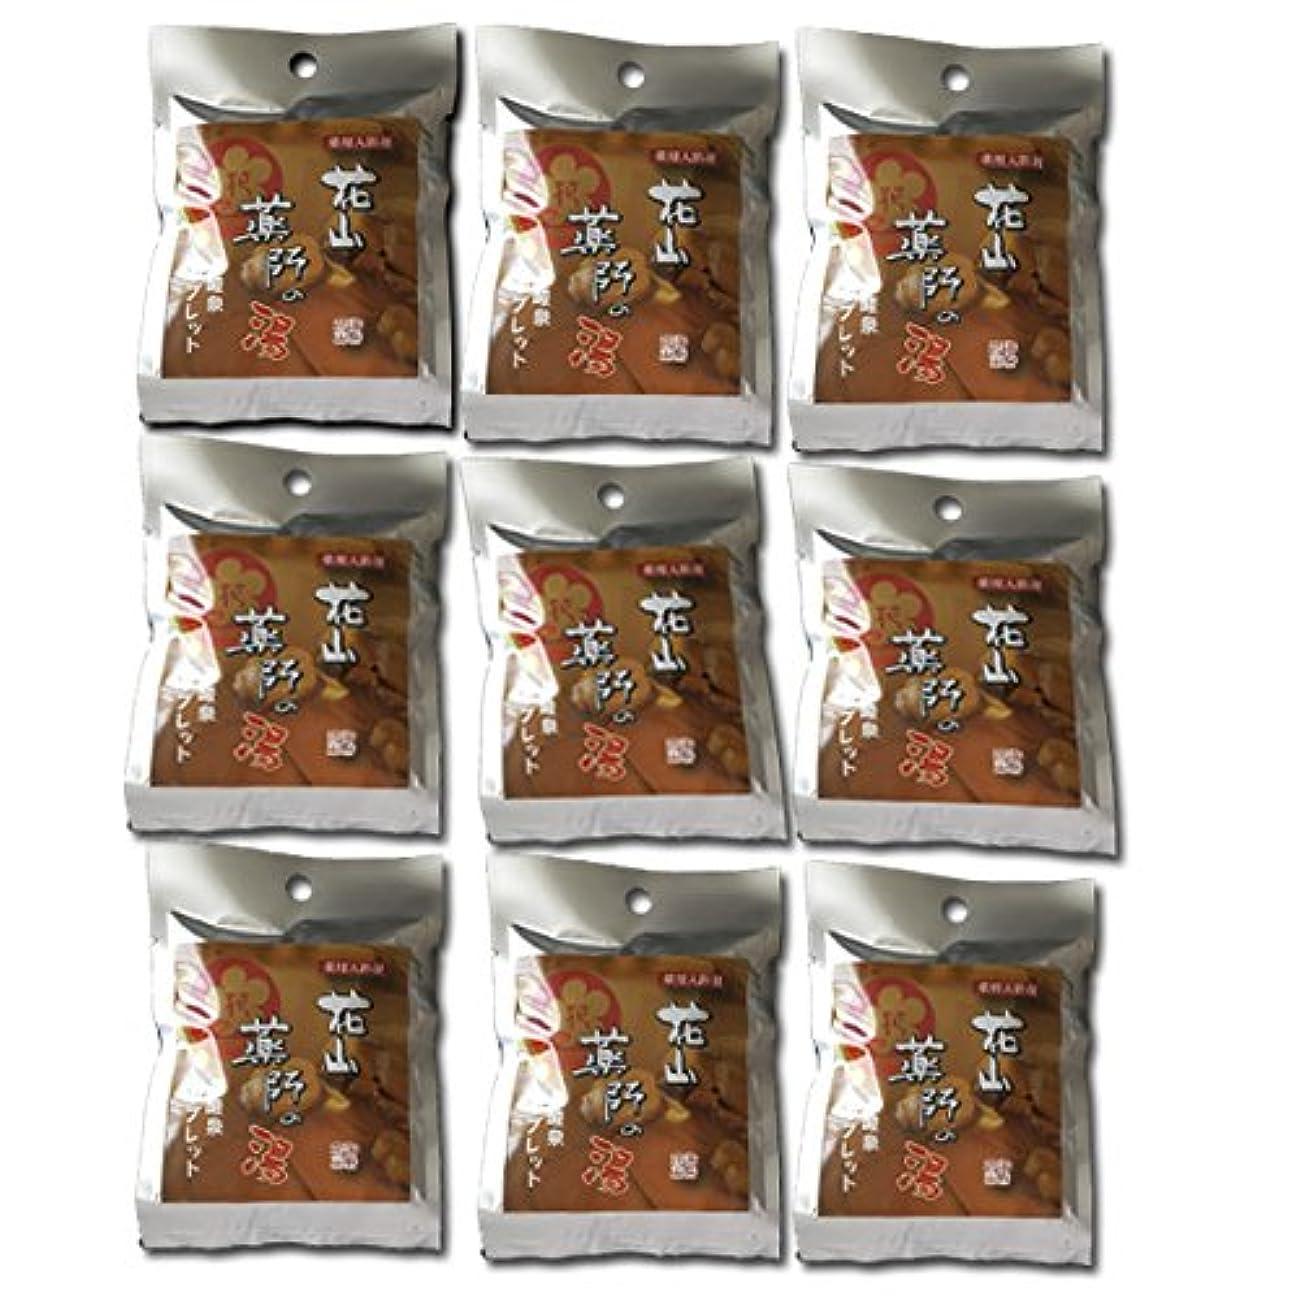 に対応する落ち着いて責任入浴剤 炭酸泉 和歌山 花山温泉の温泉分析値を元に配合して作られたタブレット9個 薬用